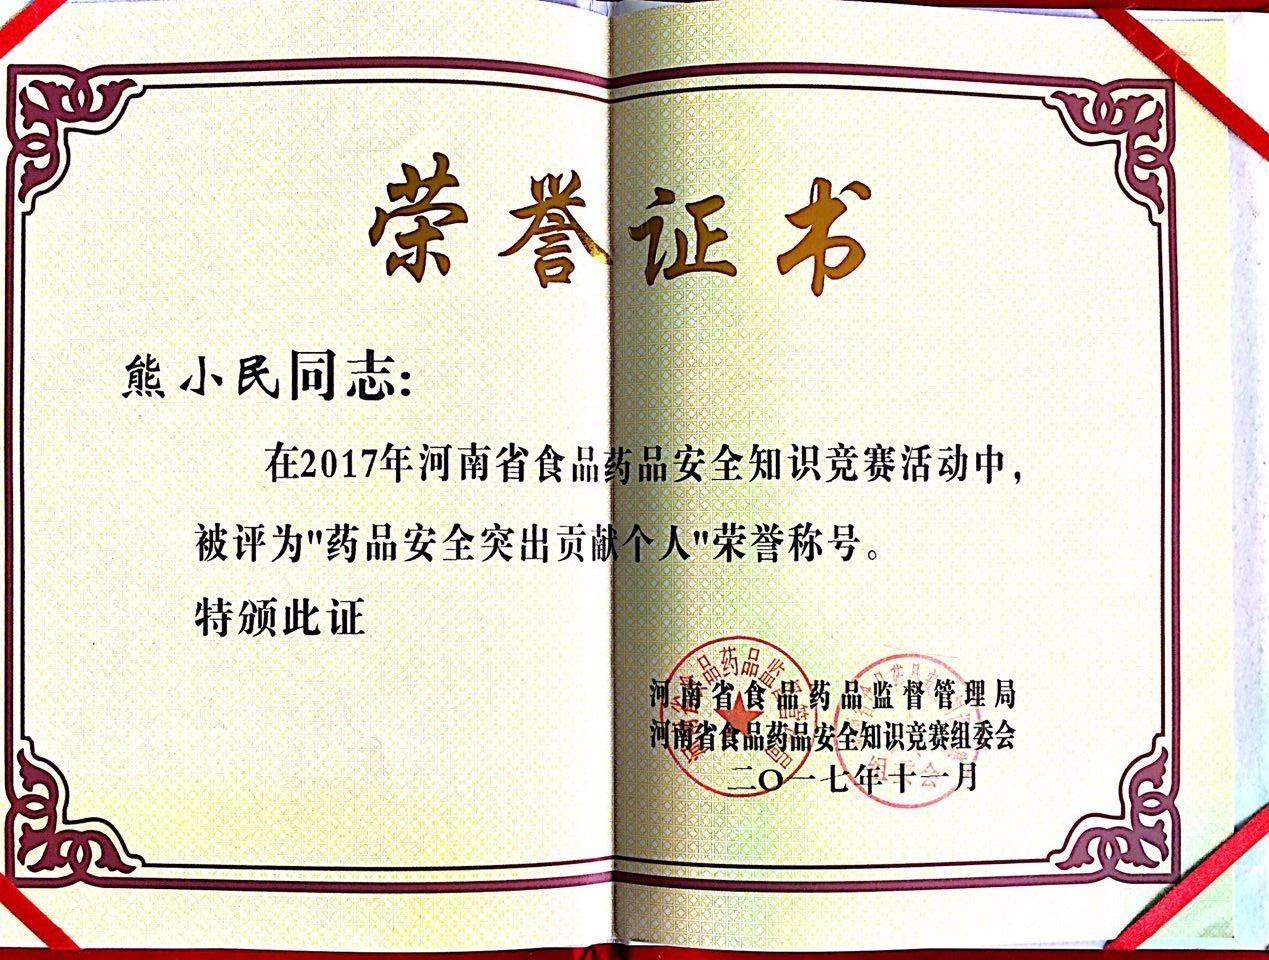 药品安全突出贡献个人荣誉证书